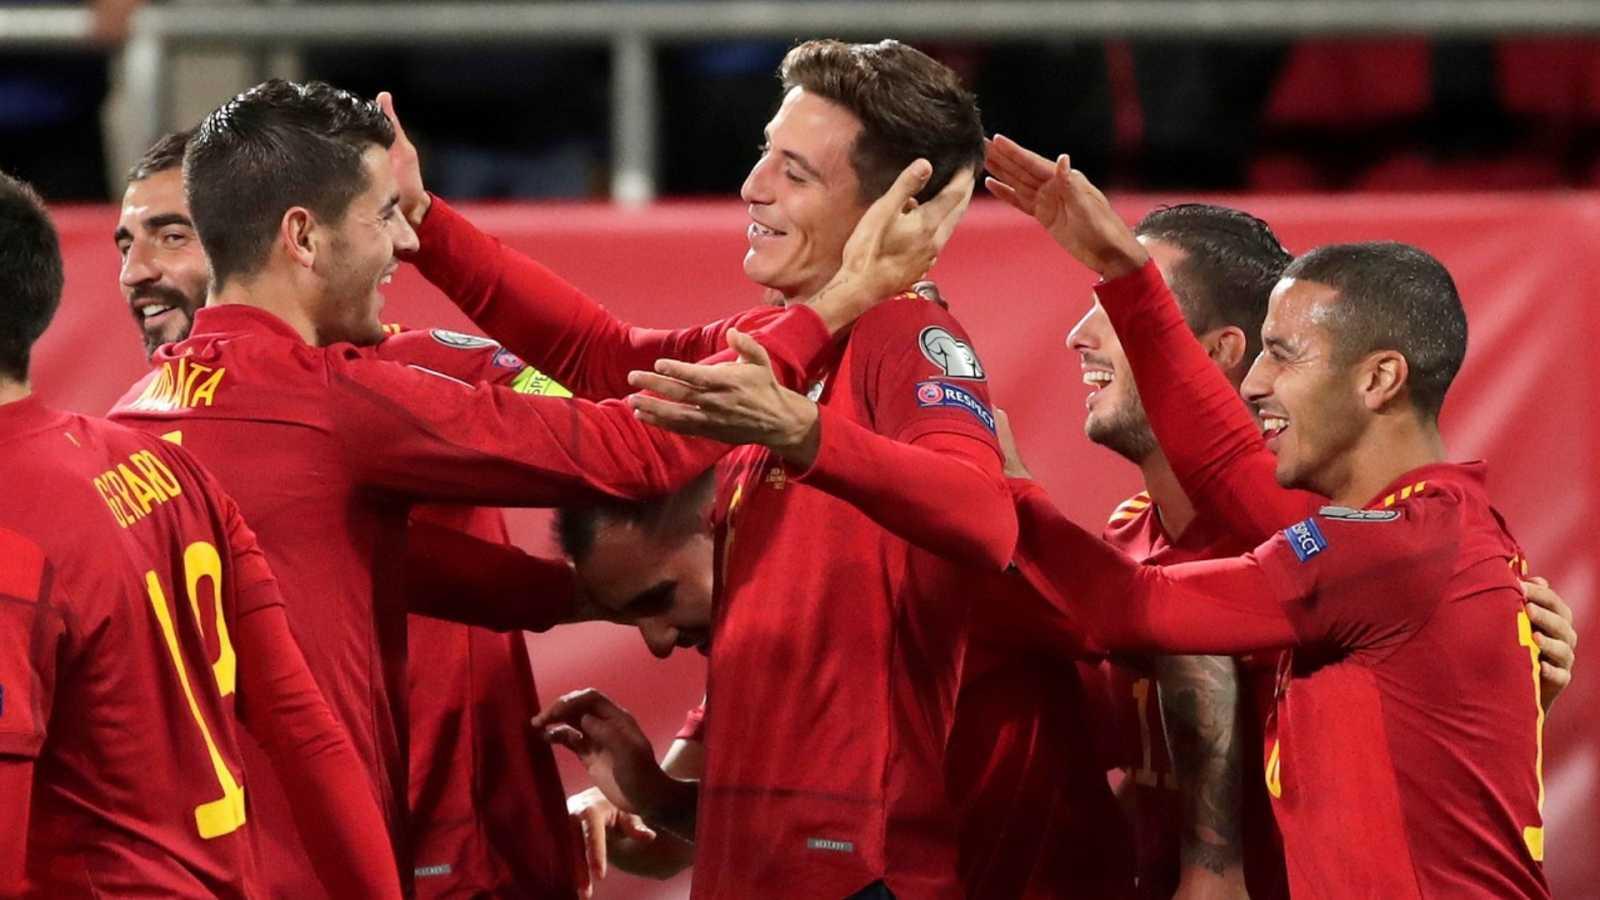 Fútbol - Programa Clasificación Eurocopa 2020 Postpartido: España - Malta - ver ahora